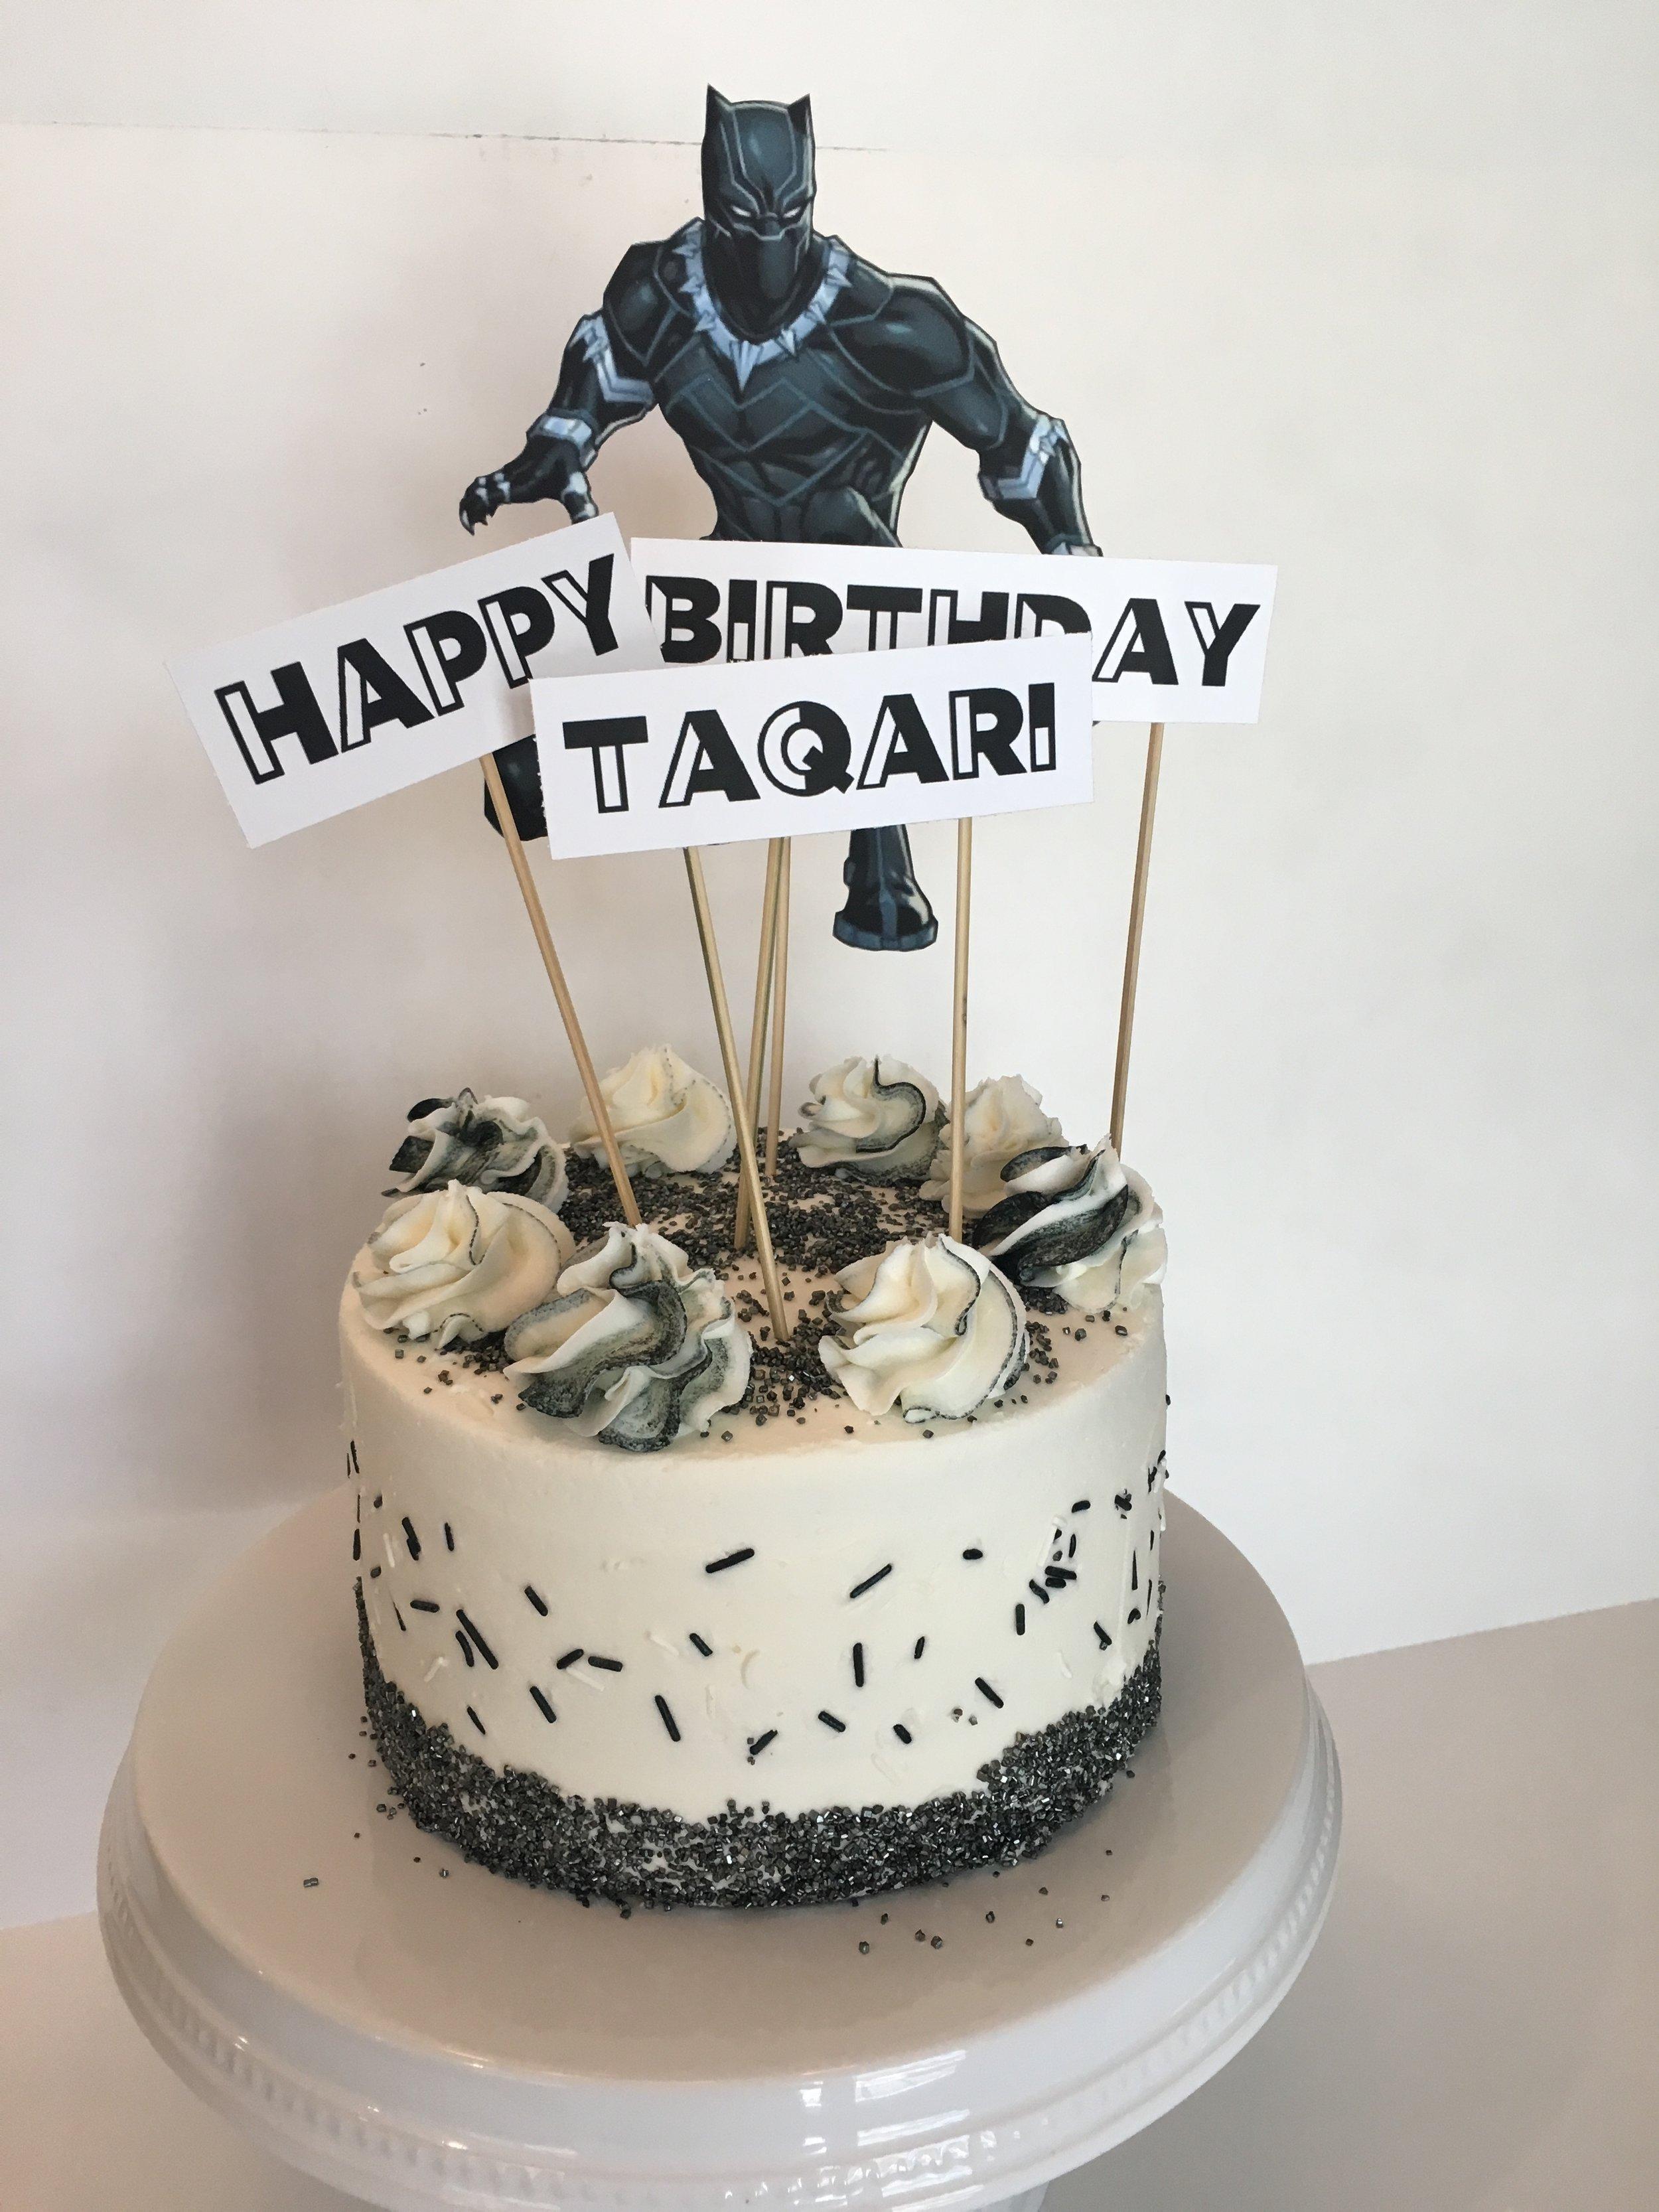 Black Panther Cake.jpeg